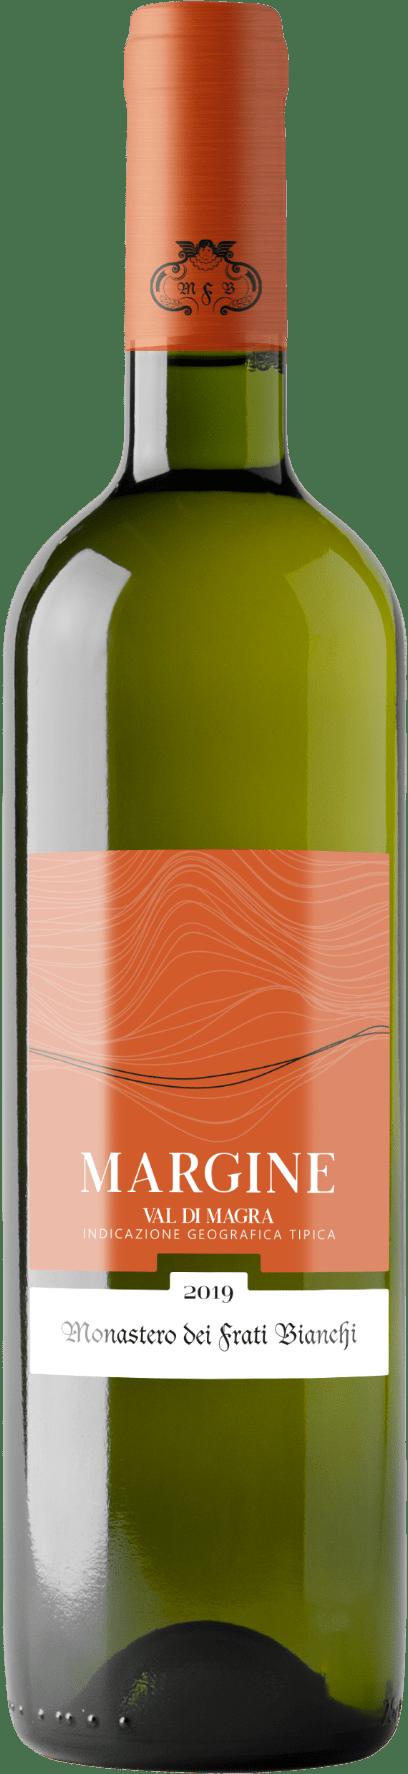 bottiglia-vino-margine-monastero-frati-bianchi-min